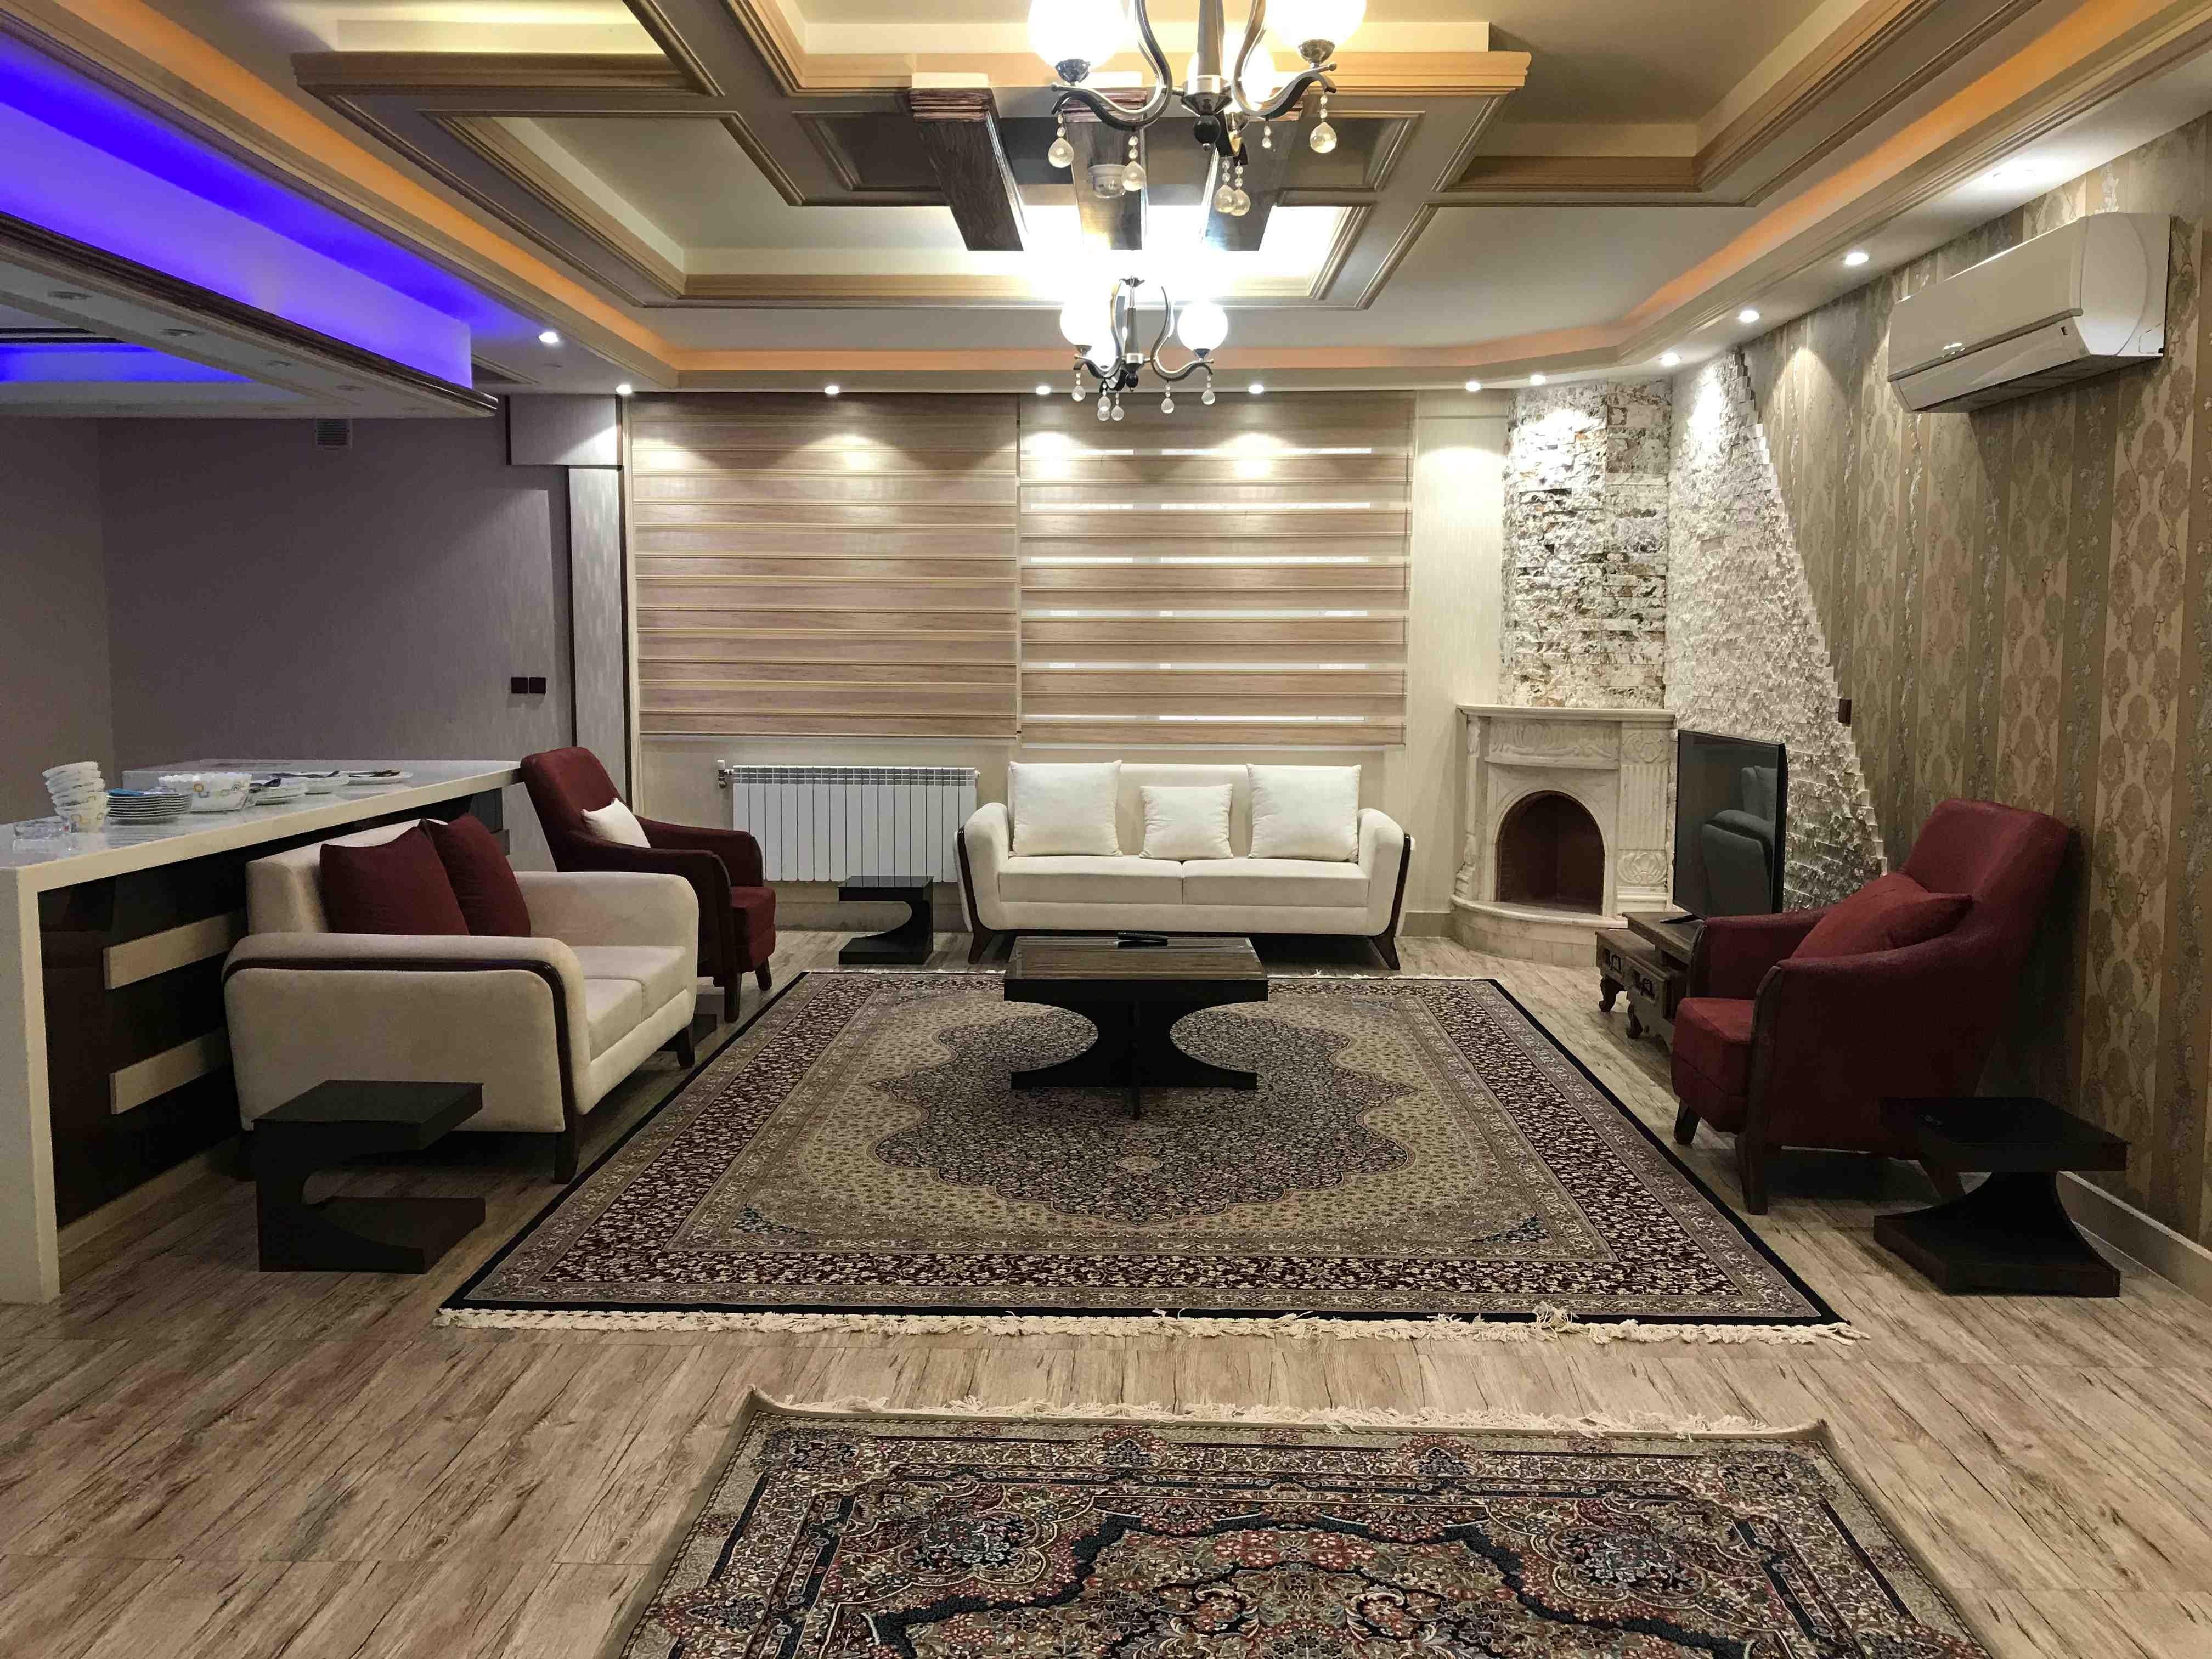 شهری آپارتمان دو خواب در دلگشا شیراز